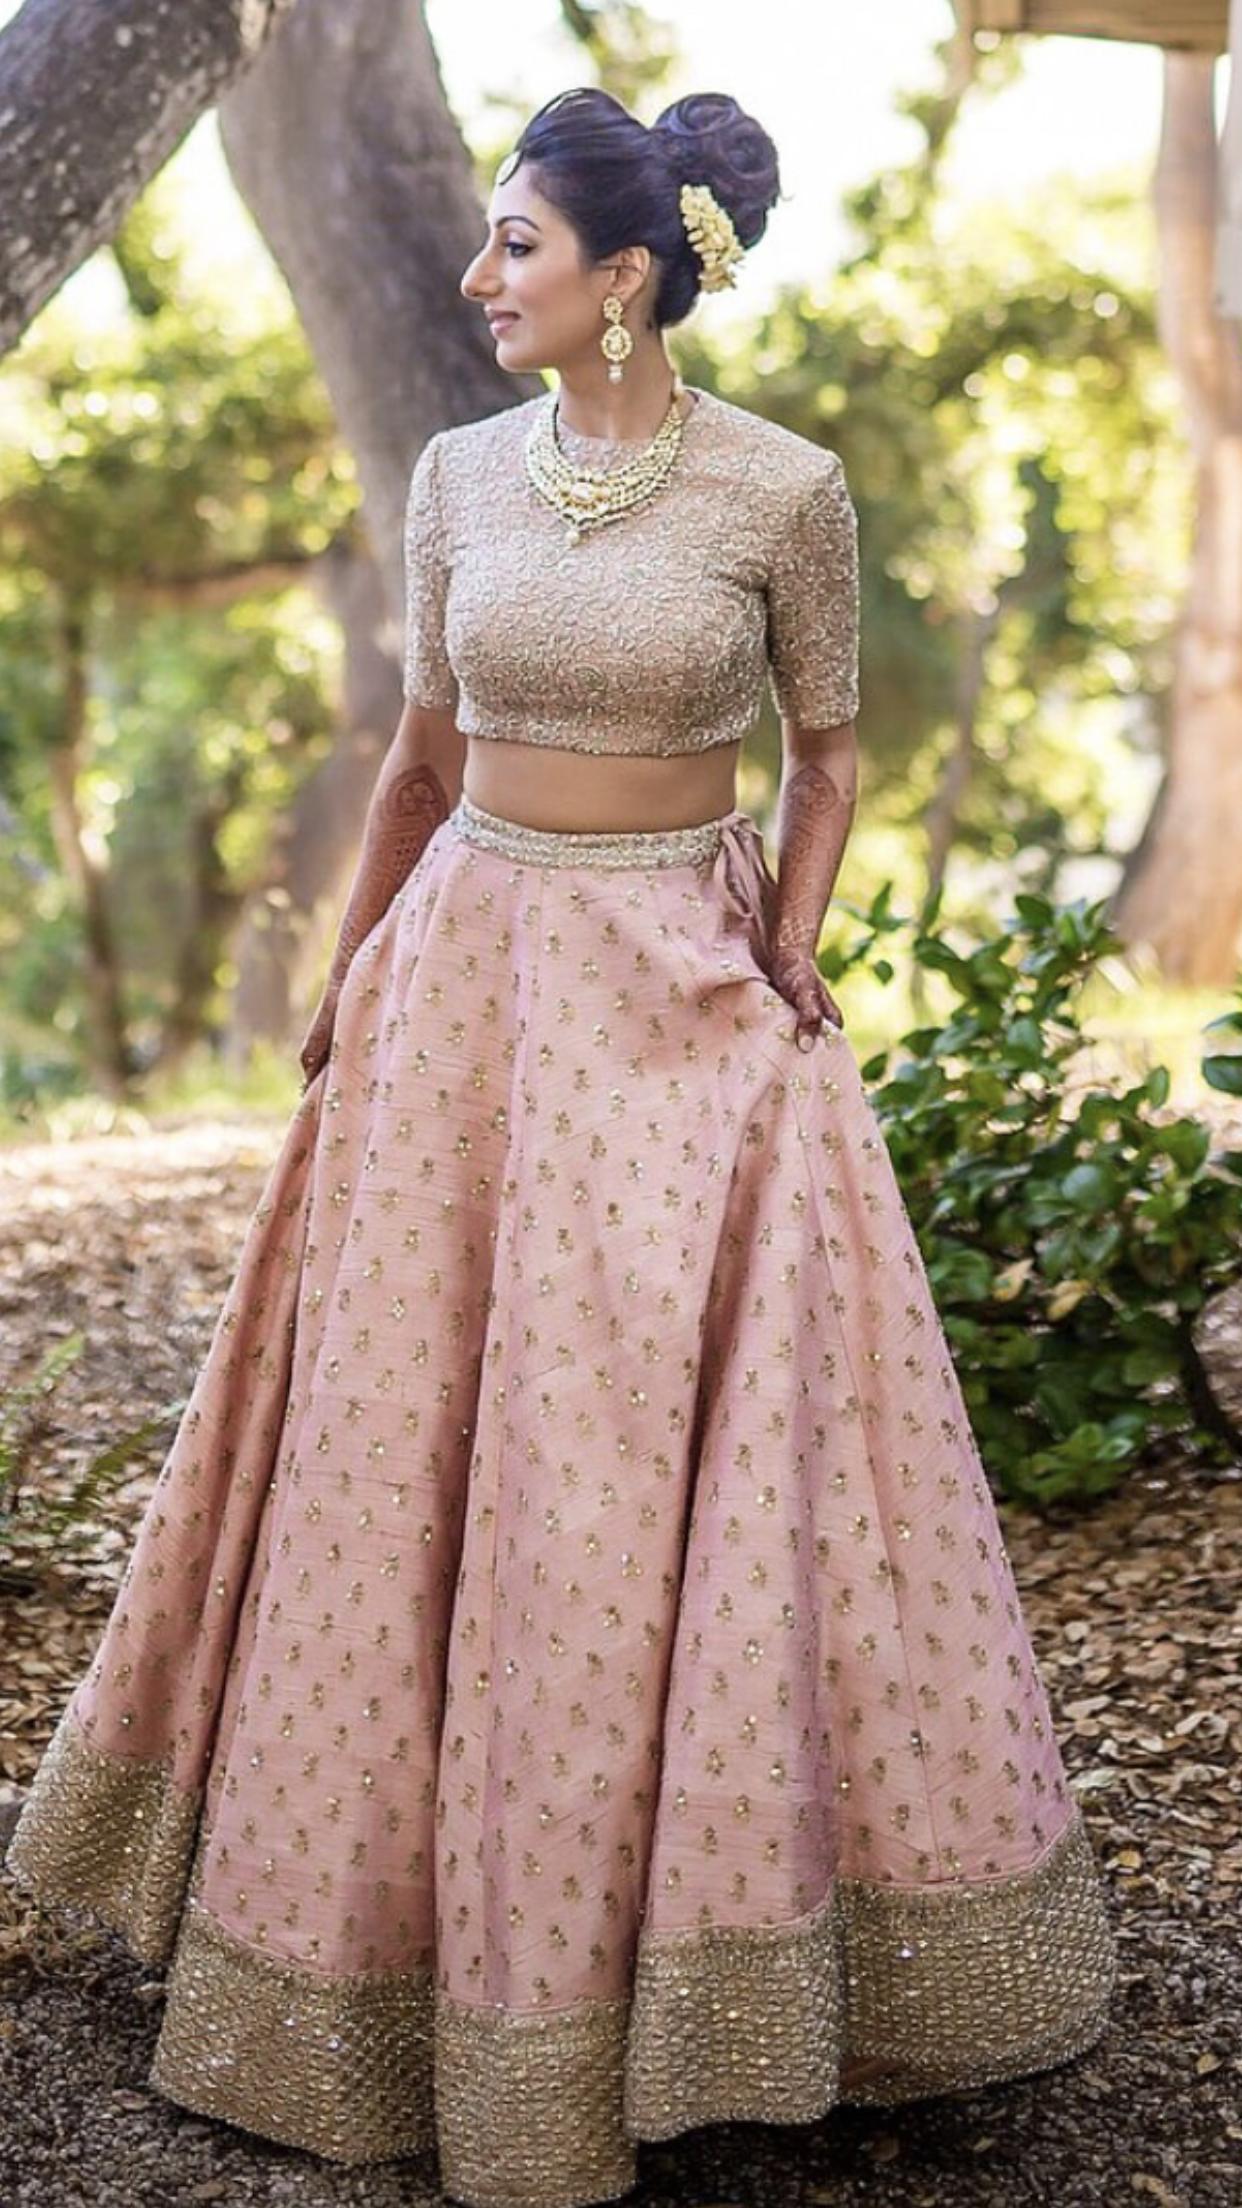 Sabyasachi | Wedding wear | Pinterest | Ropa india, En vogue y India